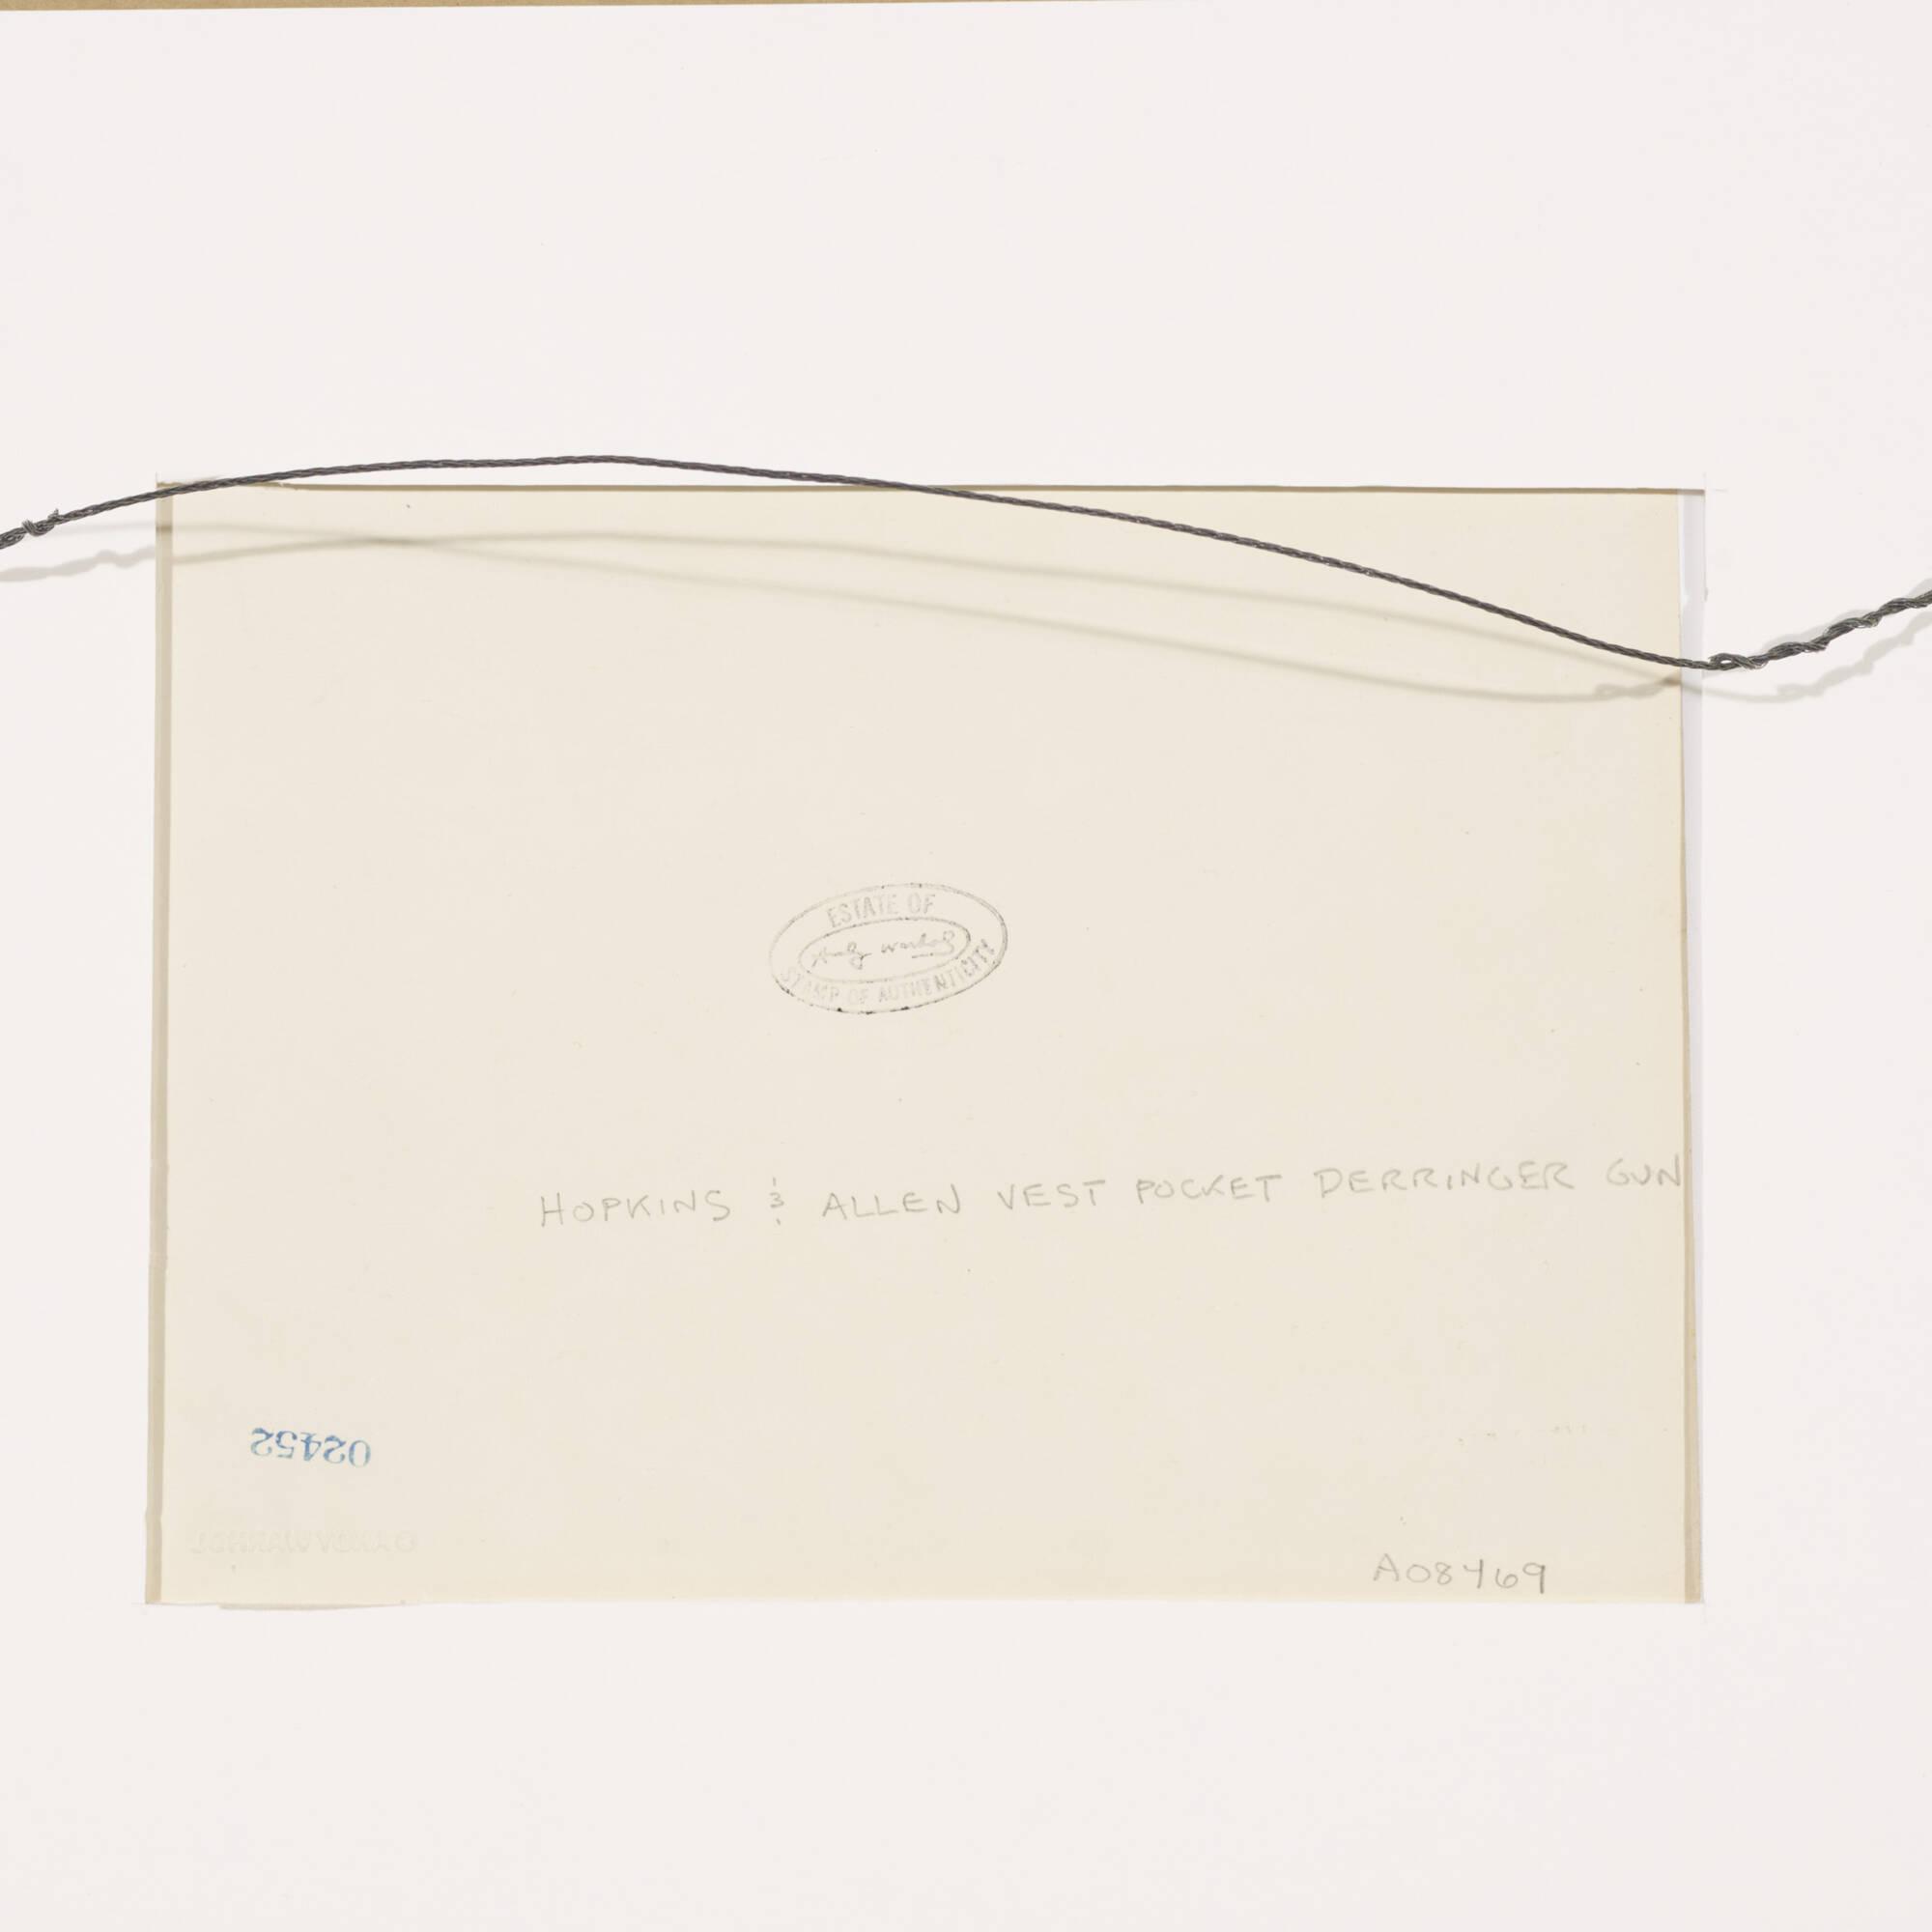 205: Andy Warhol / Untitled (Hopkins & Allen Vest Pocket Derringer Gun) (2 of 2)